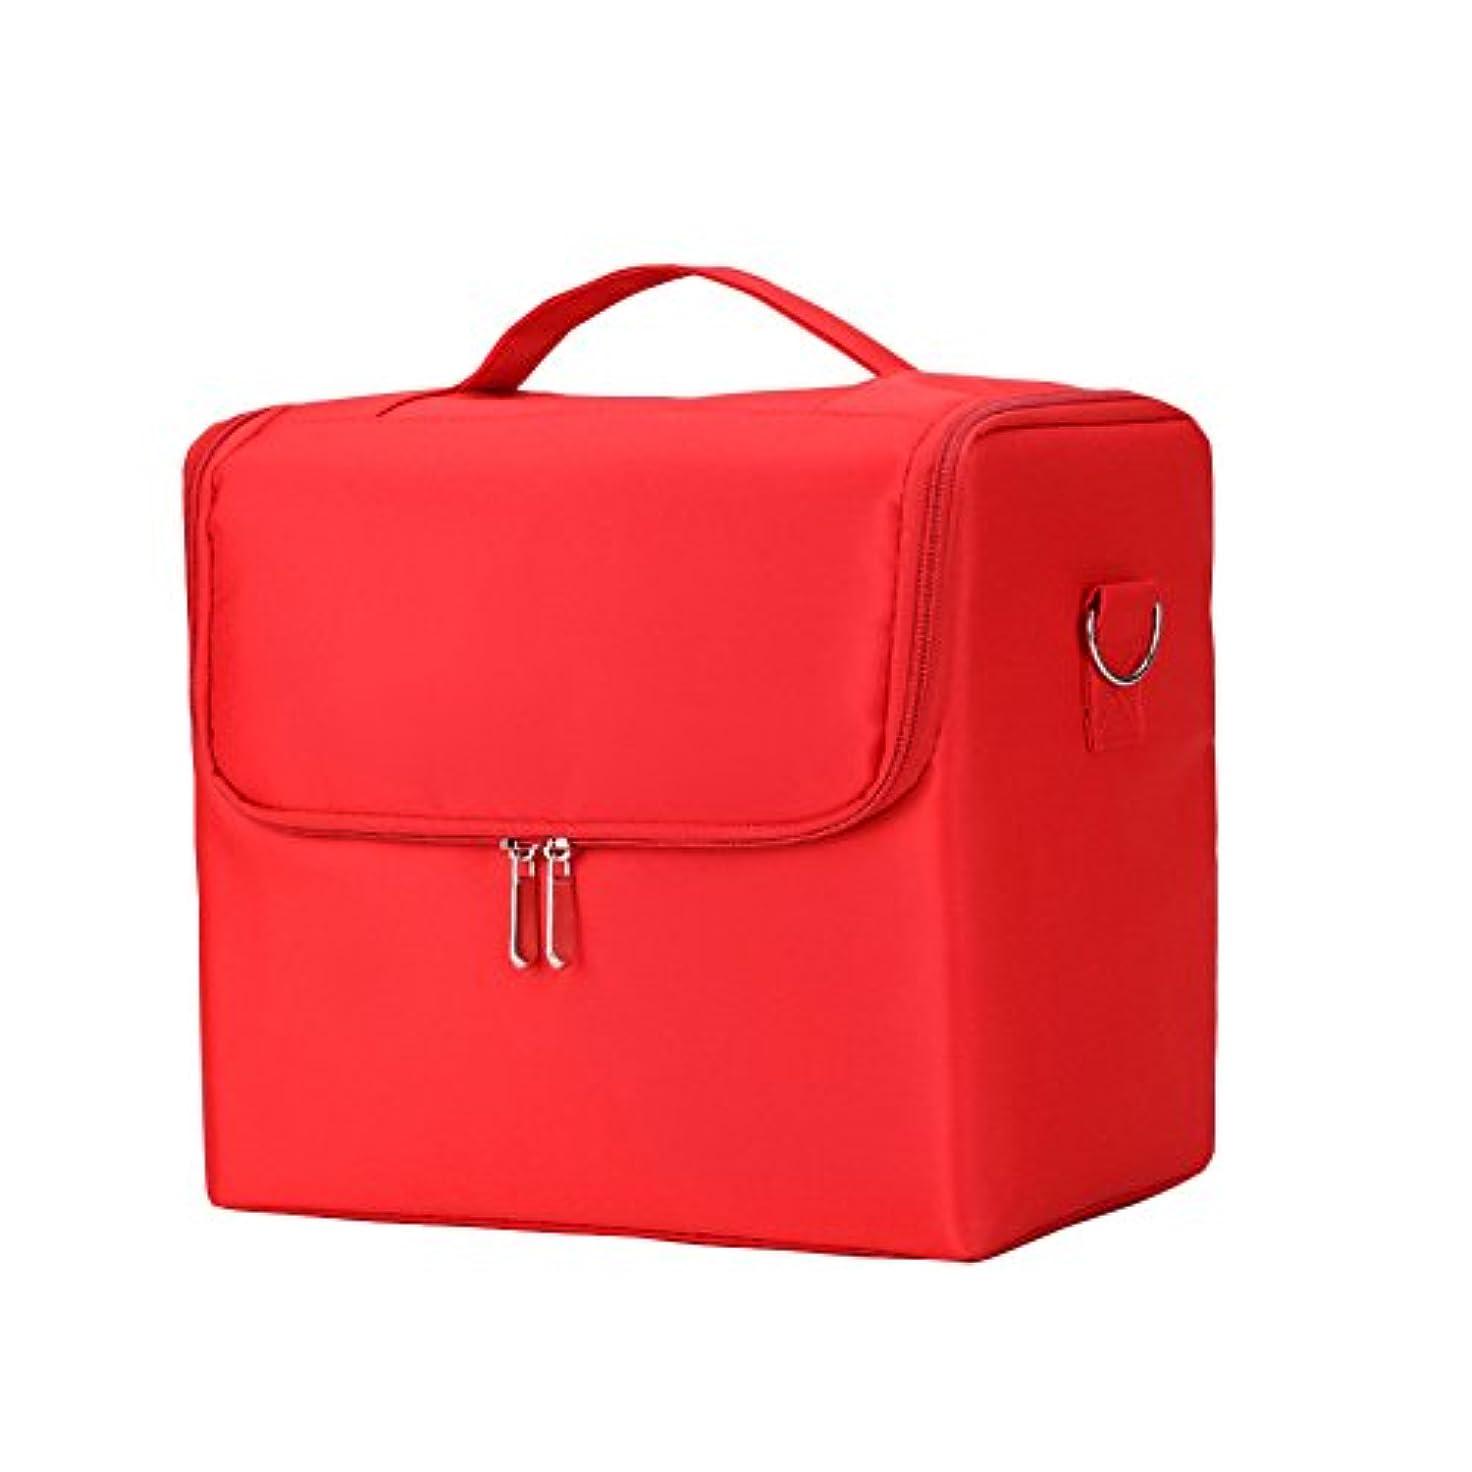 ポンプ狂信者指導するSIRIN メイクボックス コスメボックス 大容量 化粧品収納ボックス 収納ケース 小物入れ 大容量 取っ手付 4段階 4色 (レッド)